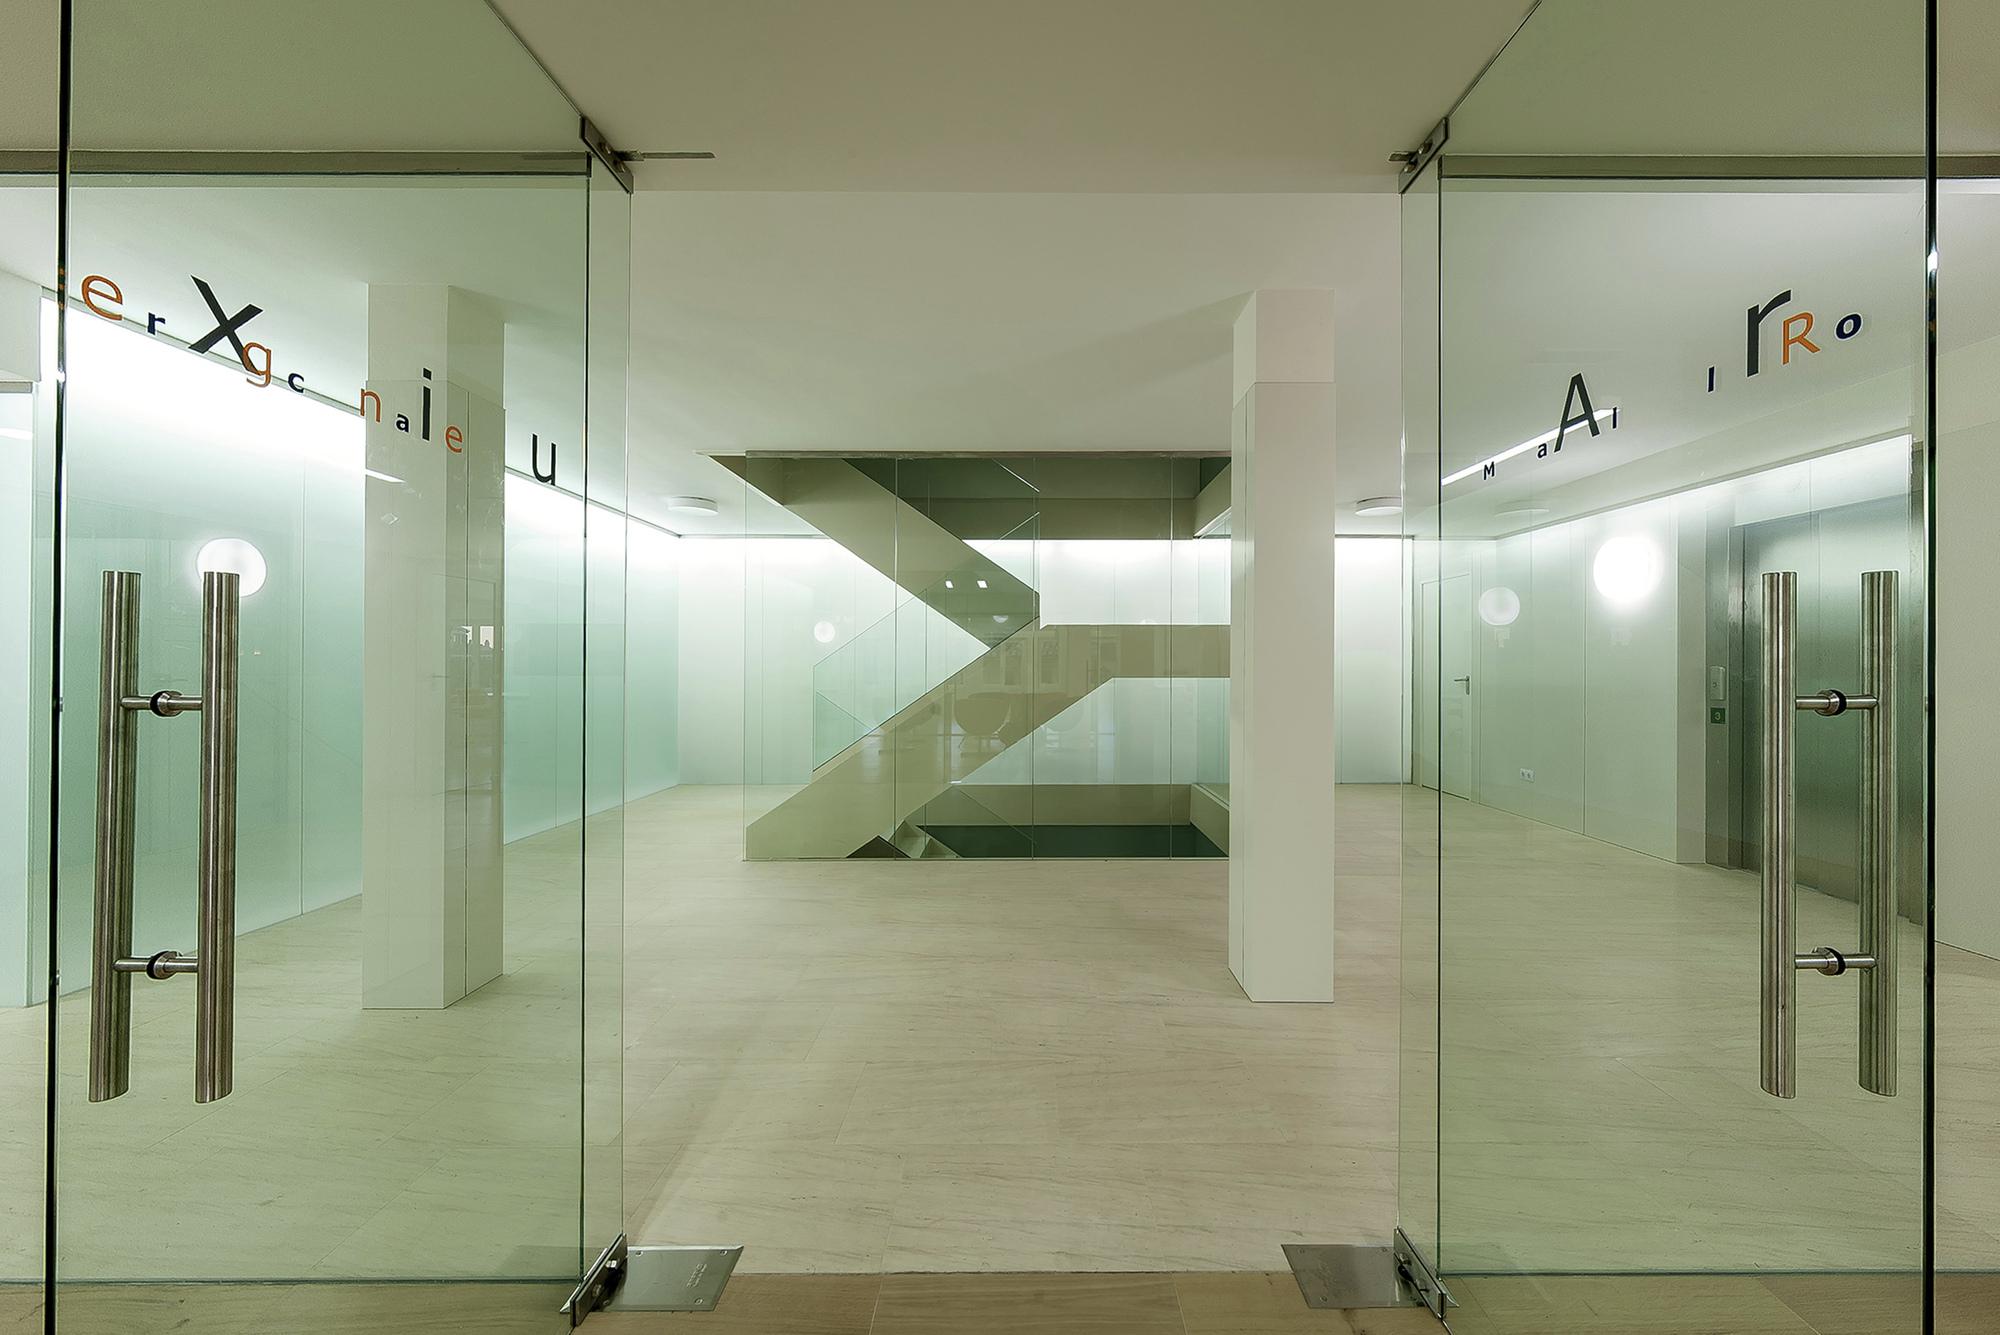 Galeria de os arquivos do reino de mallorca estudio de - Estudio arquitectura mallorca ...